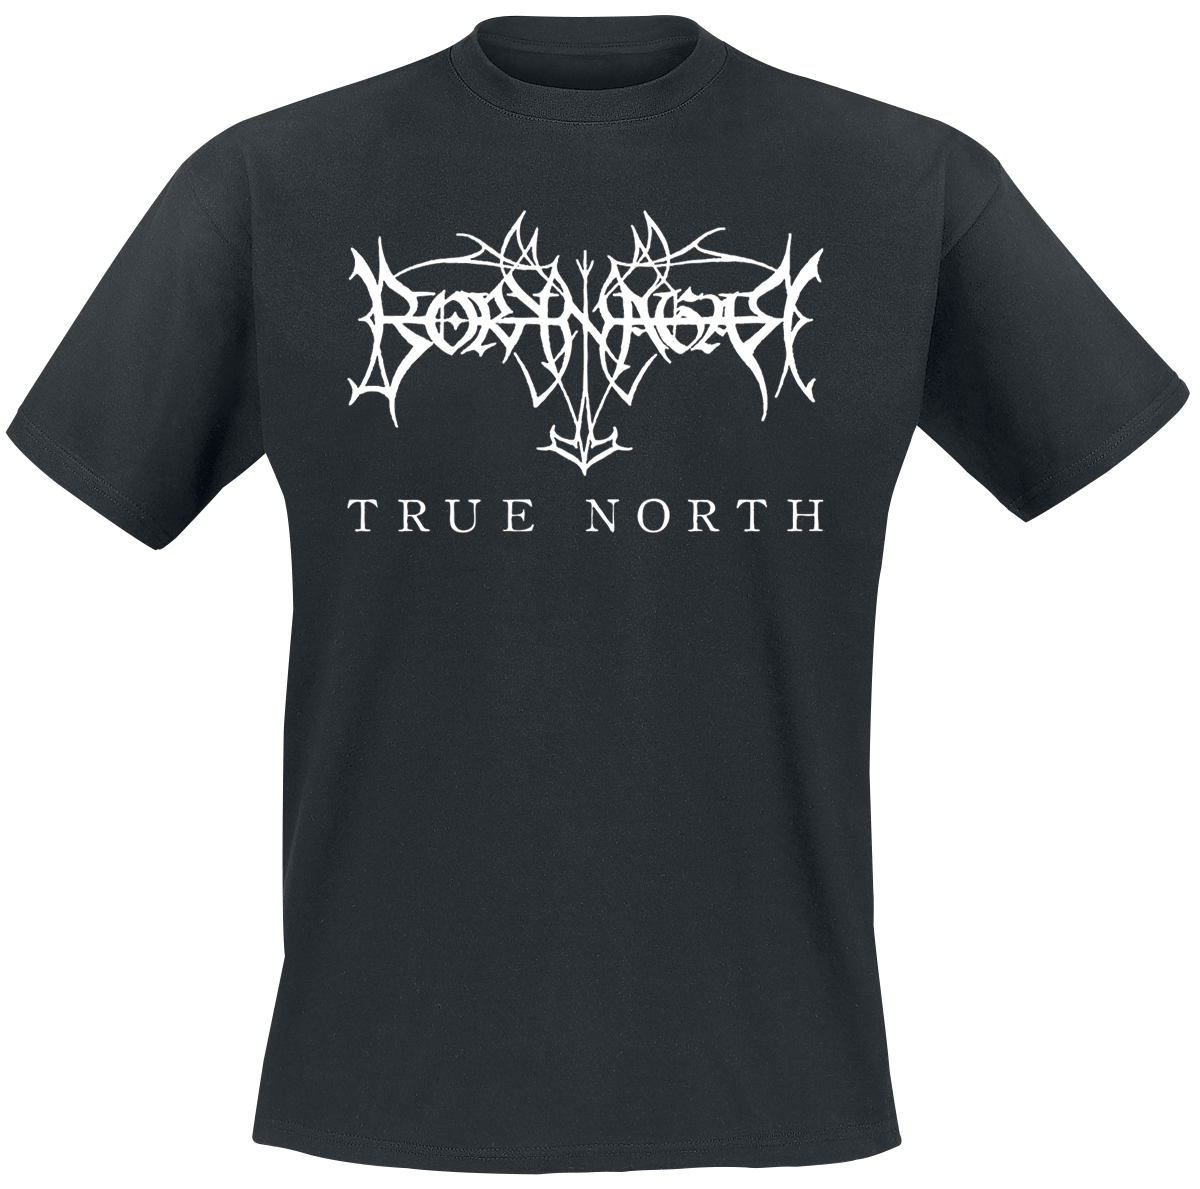 Borknagar - True North - Logo - T-Shirt - black image